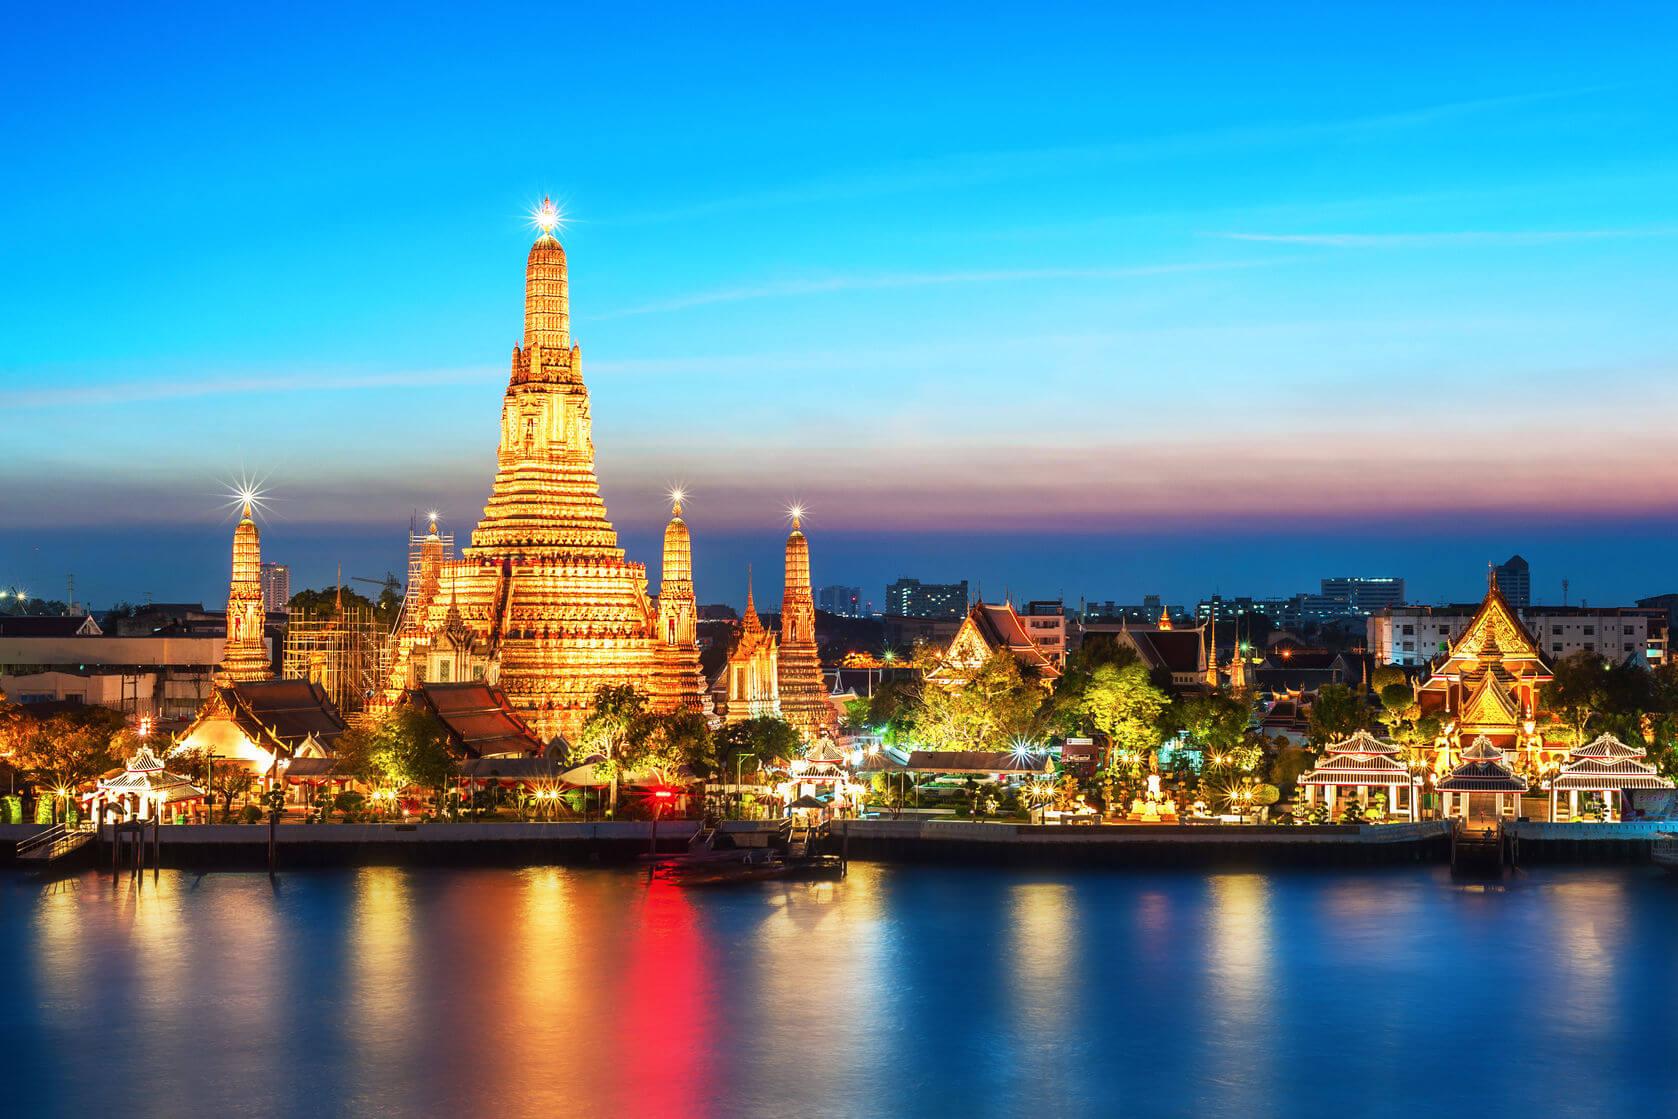 du lịch nước ngoài Tết Nguyên Đán